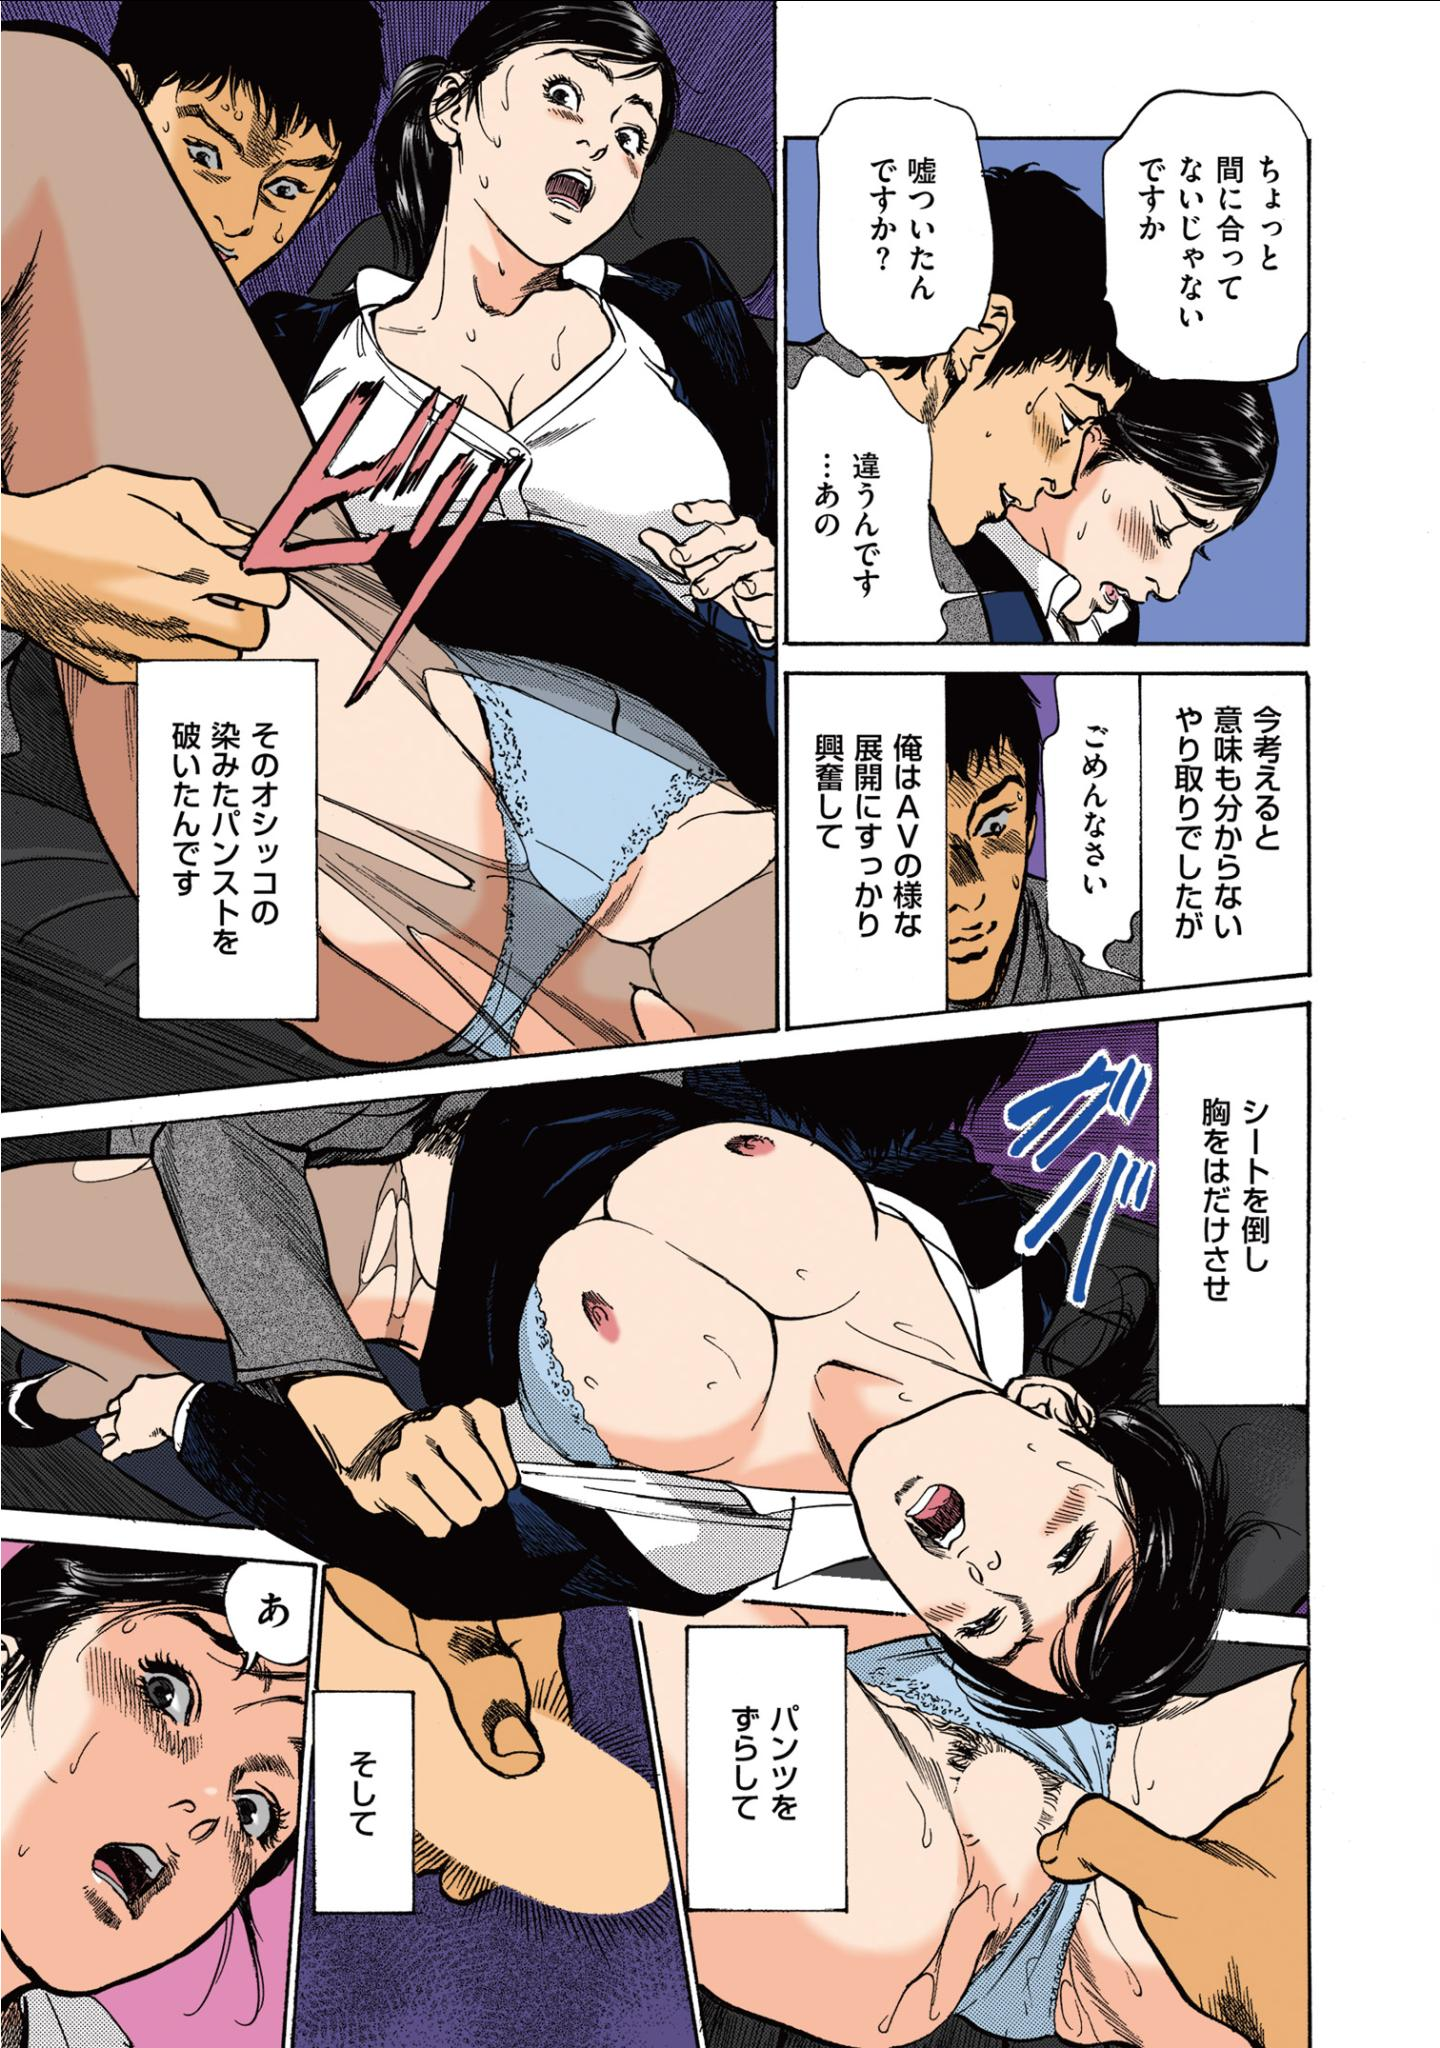 [Hazuki Kaoru] Hazuki Kaoru no Tamaranai Hanashi (Full Color Version) 1-2 16